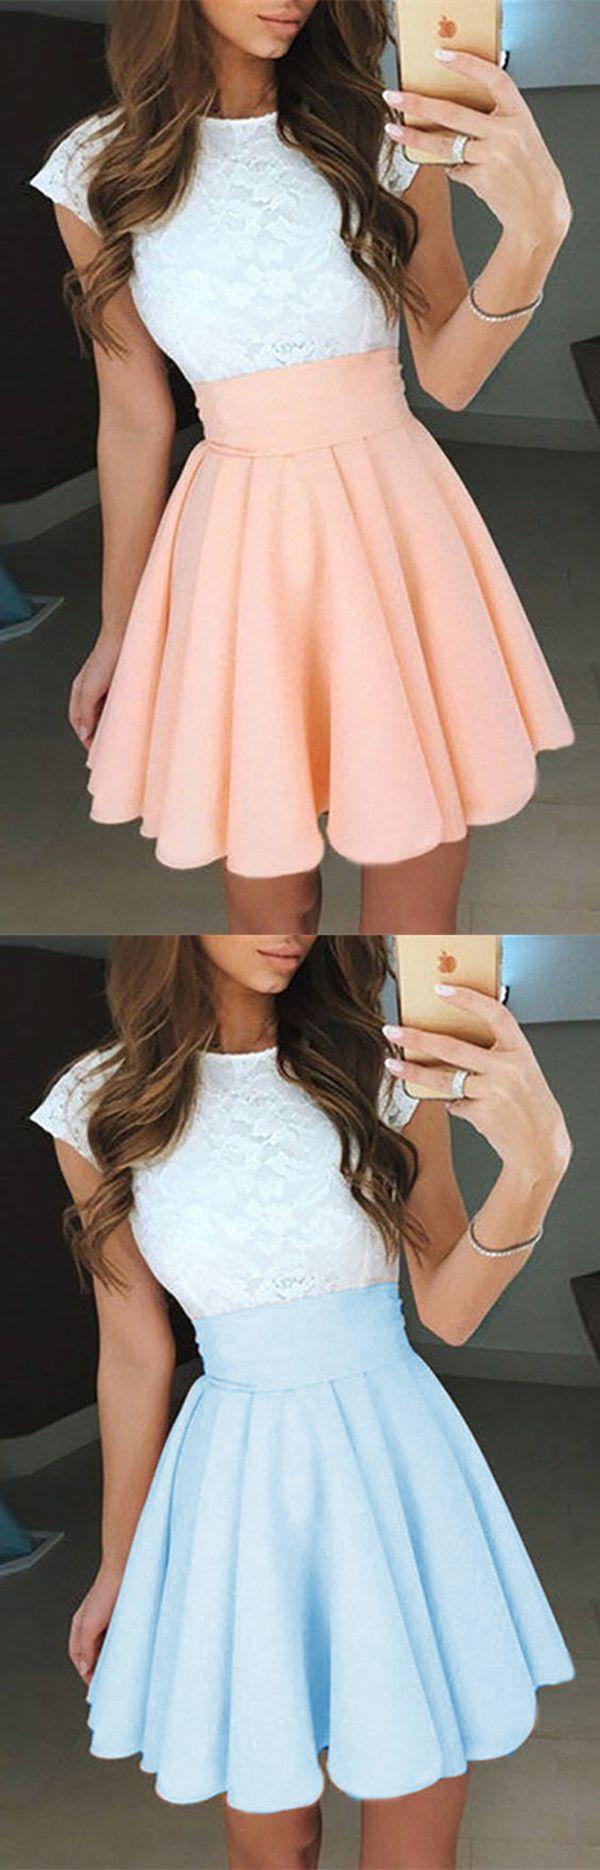 short homecoming dresses,pink homecoming dresses,lace homecoming dresses,cute party dresses